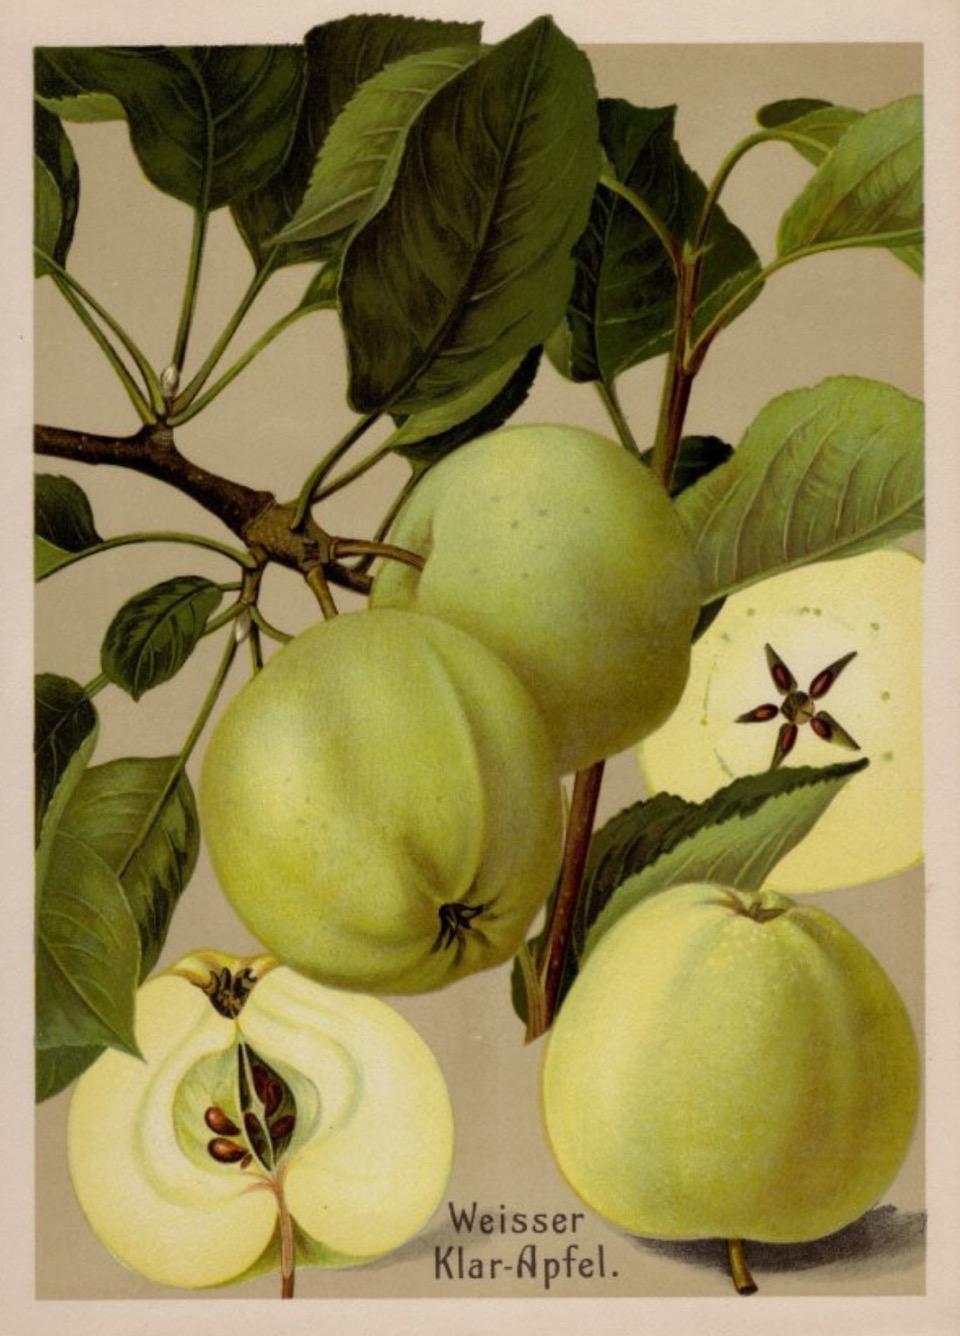 Historische Abbildung von gelblich-grünlichen und aufgeschnittenenee Äpfel mit Zweig und Blättern; BUND Lemgo Obstsortendatenbank